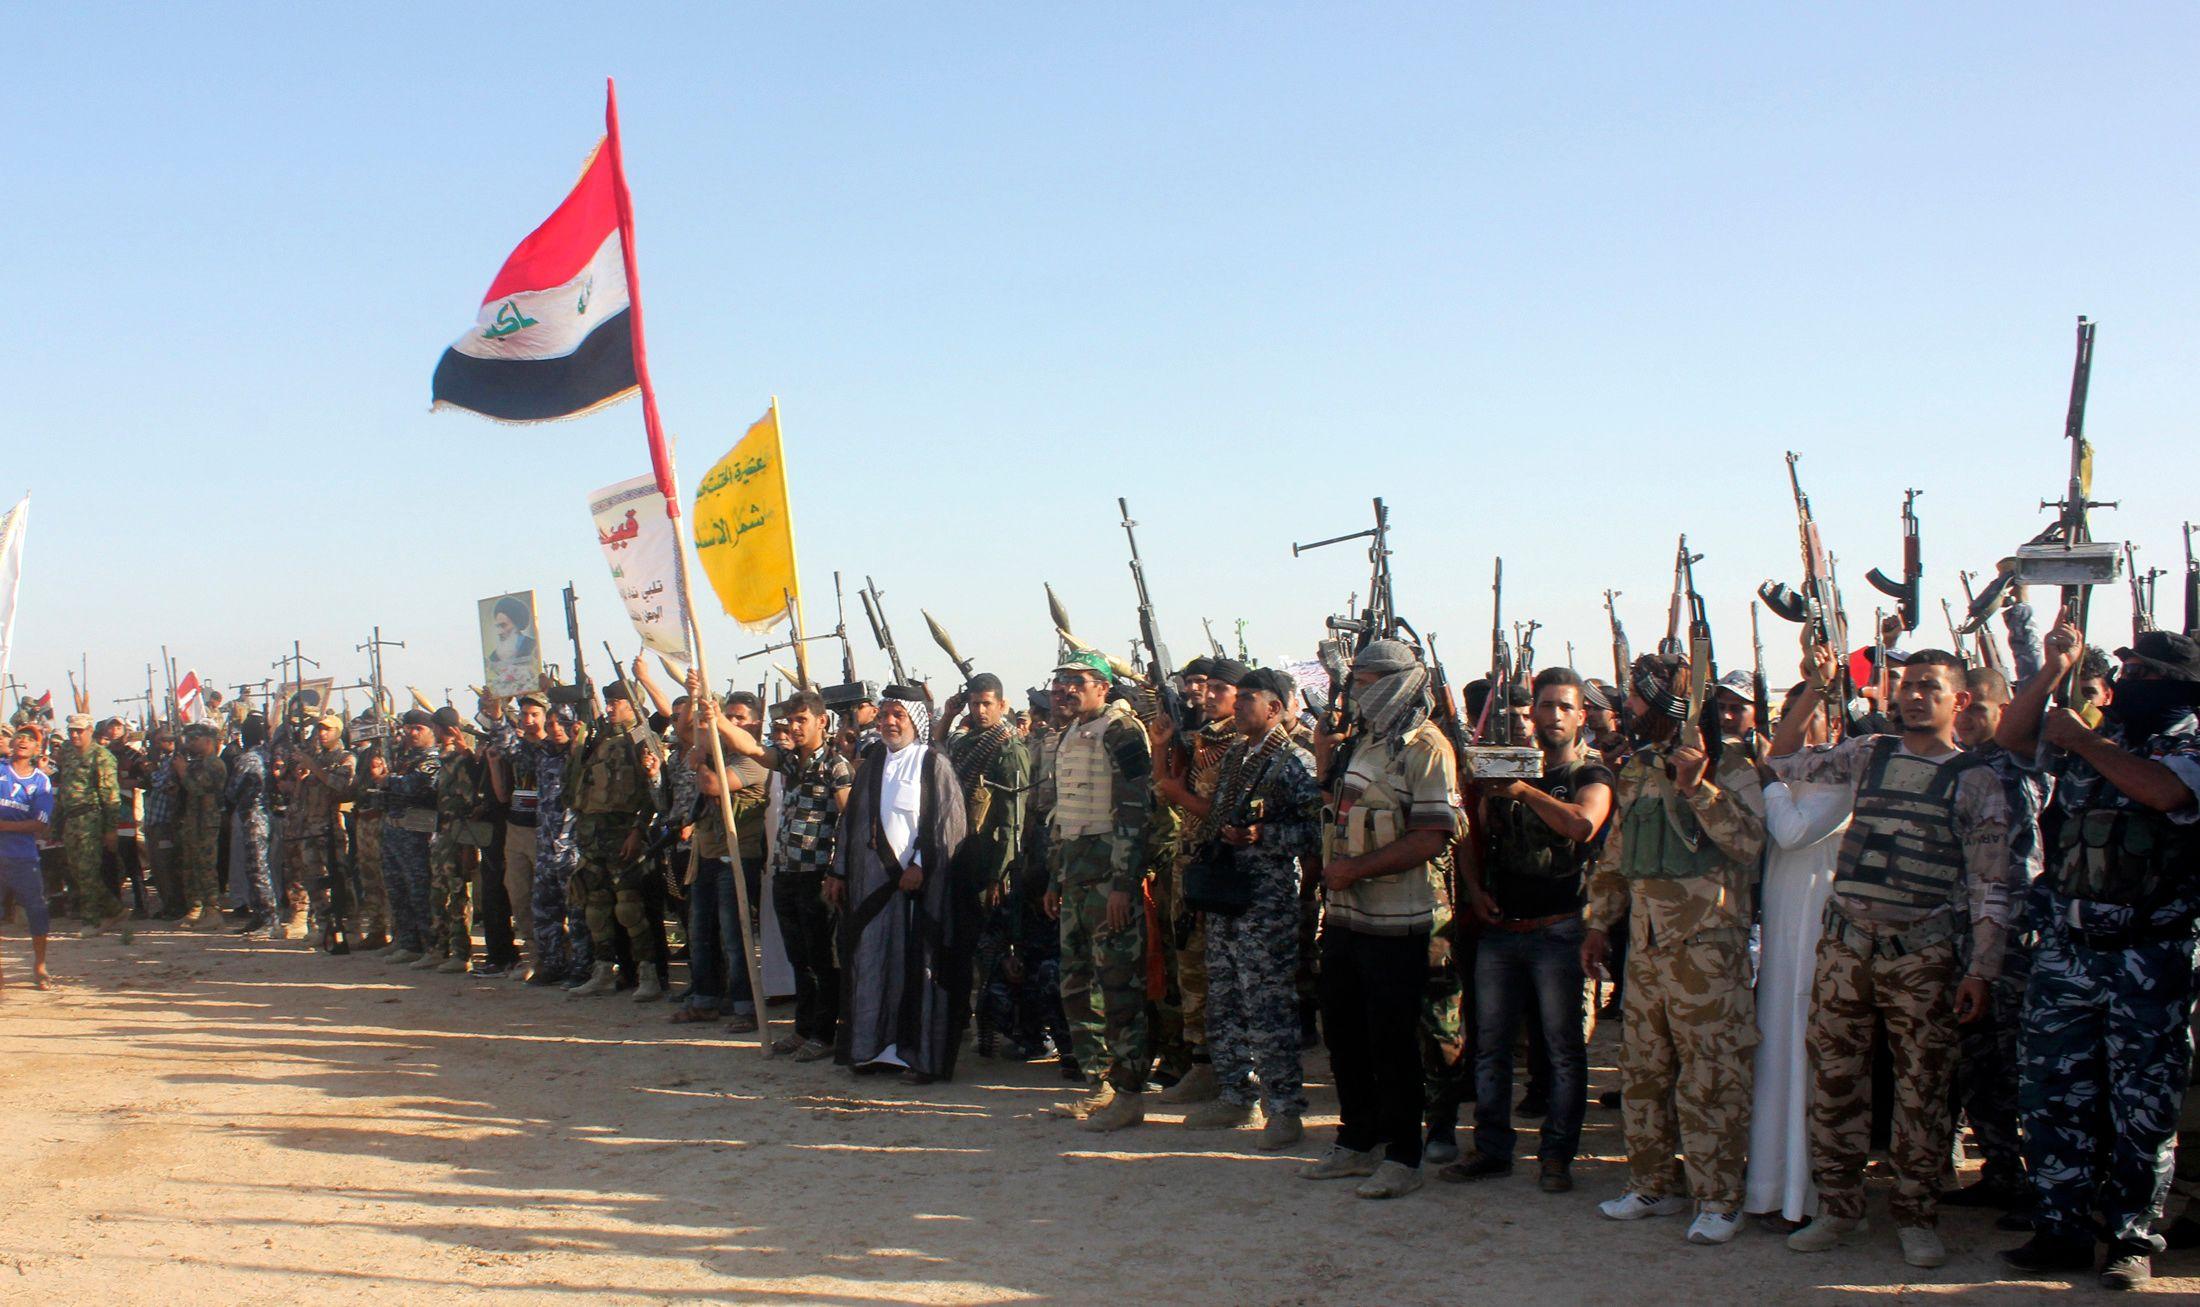 En Irak la situation est plus que chaotique